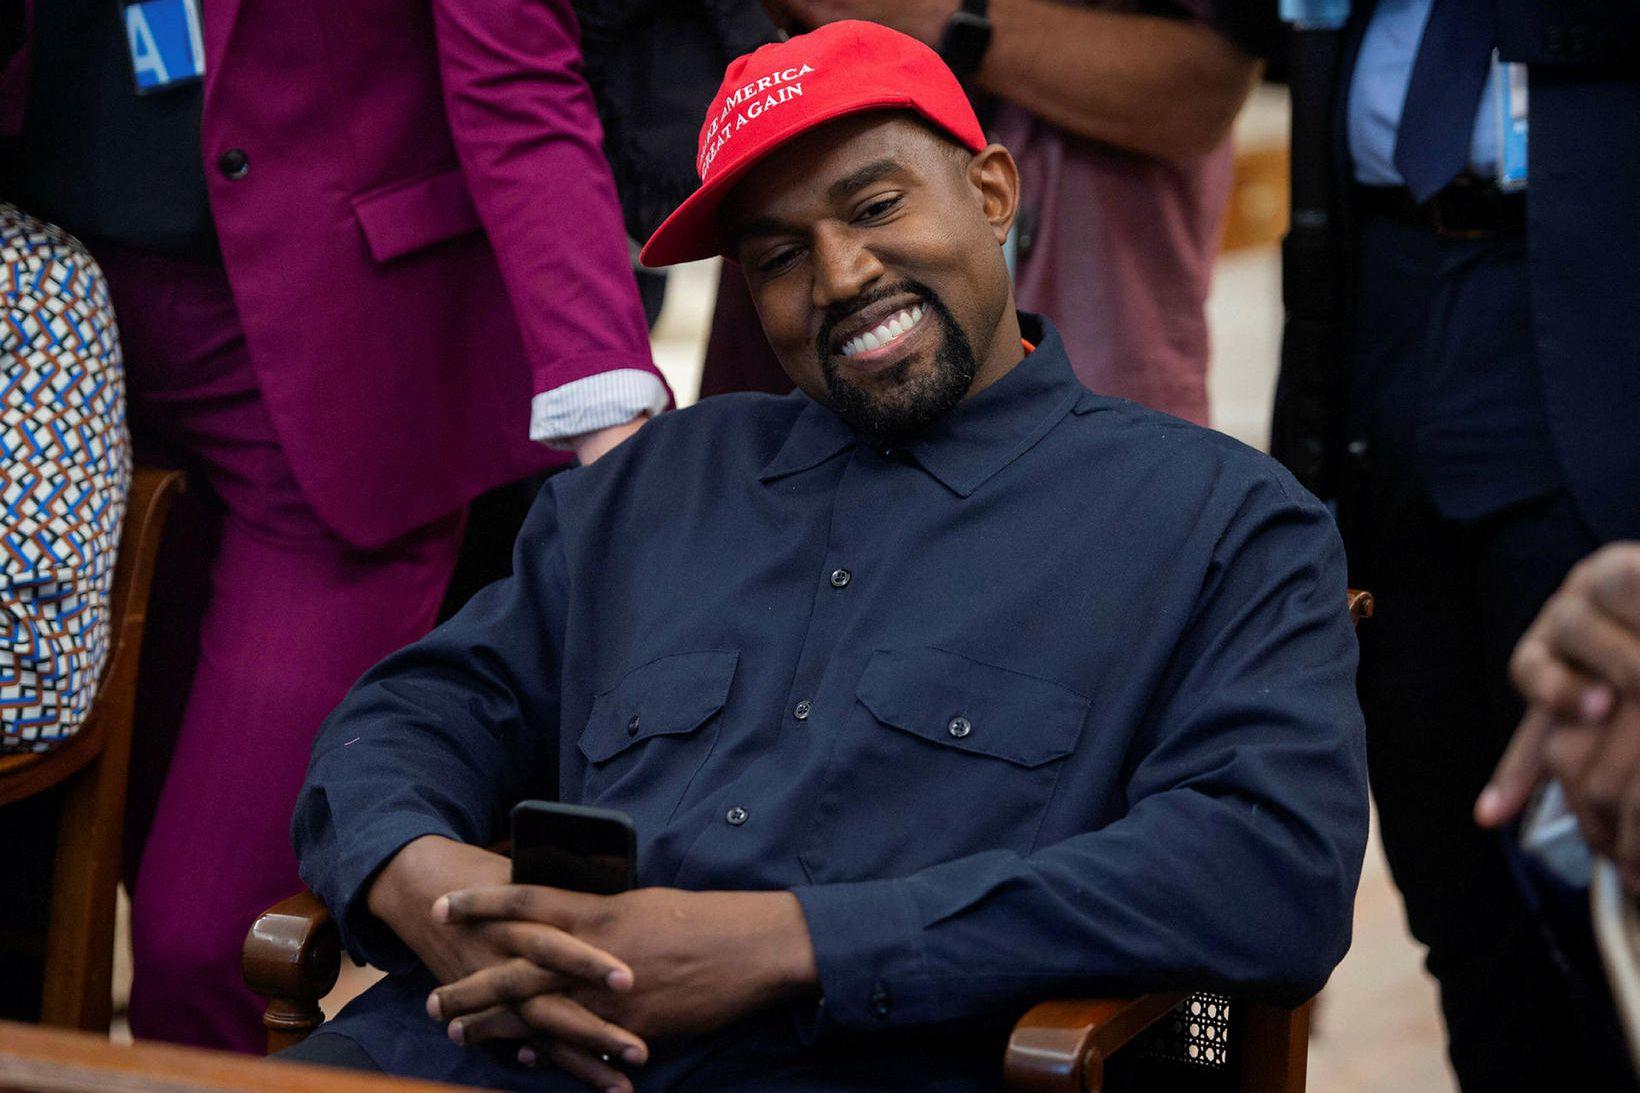 Kanye West segist vera alvara með að bjóða sig fram …